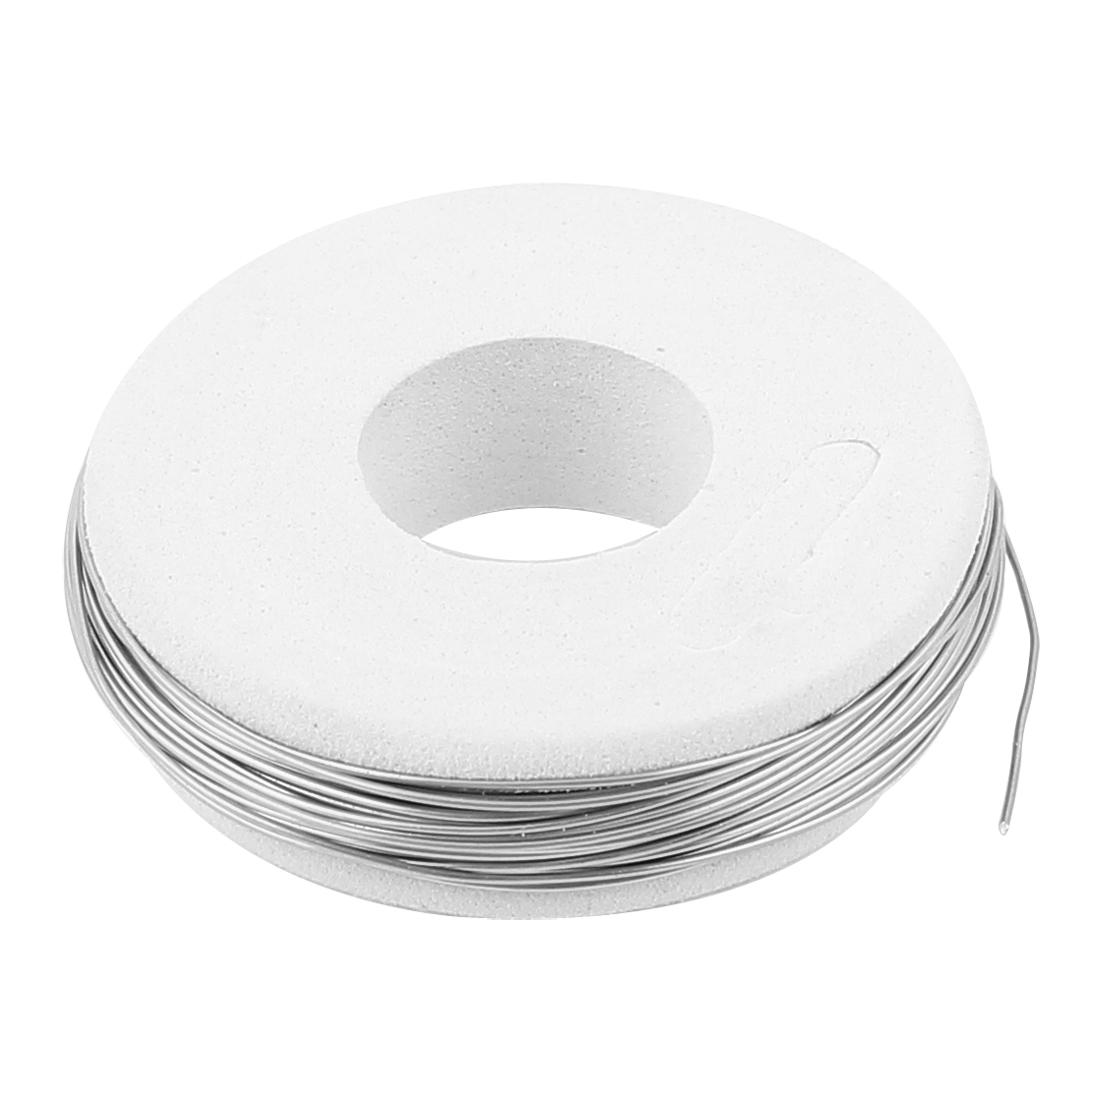 Nichrome 80 Round Heater Wire 0.5mm 24 Gauge AWG 24.6ft Heating Element